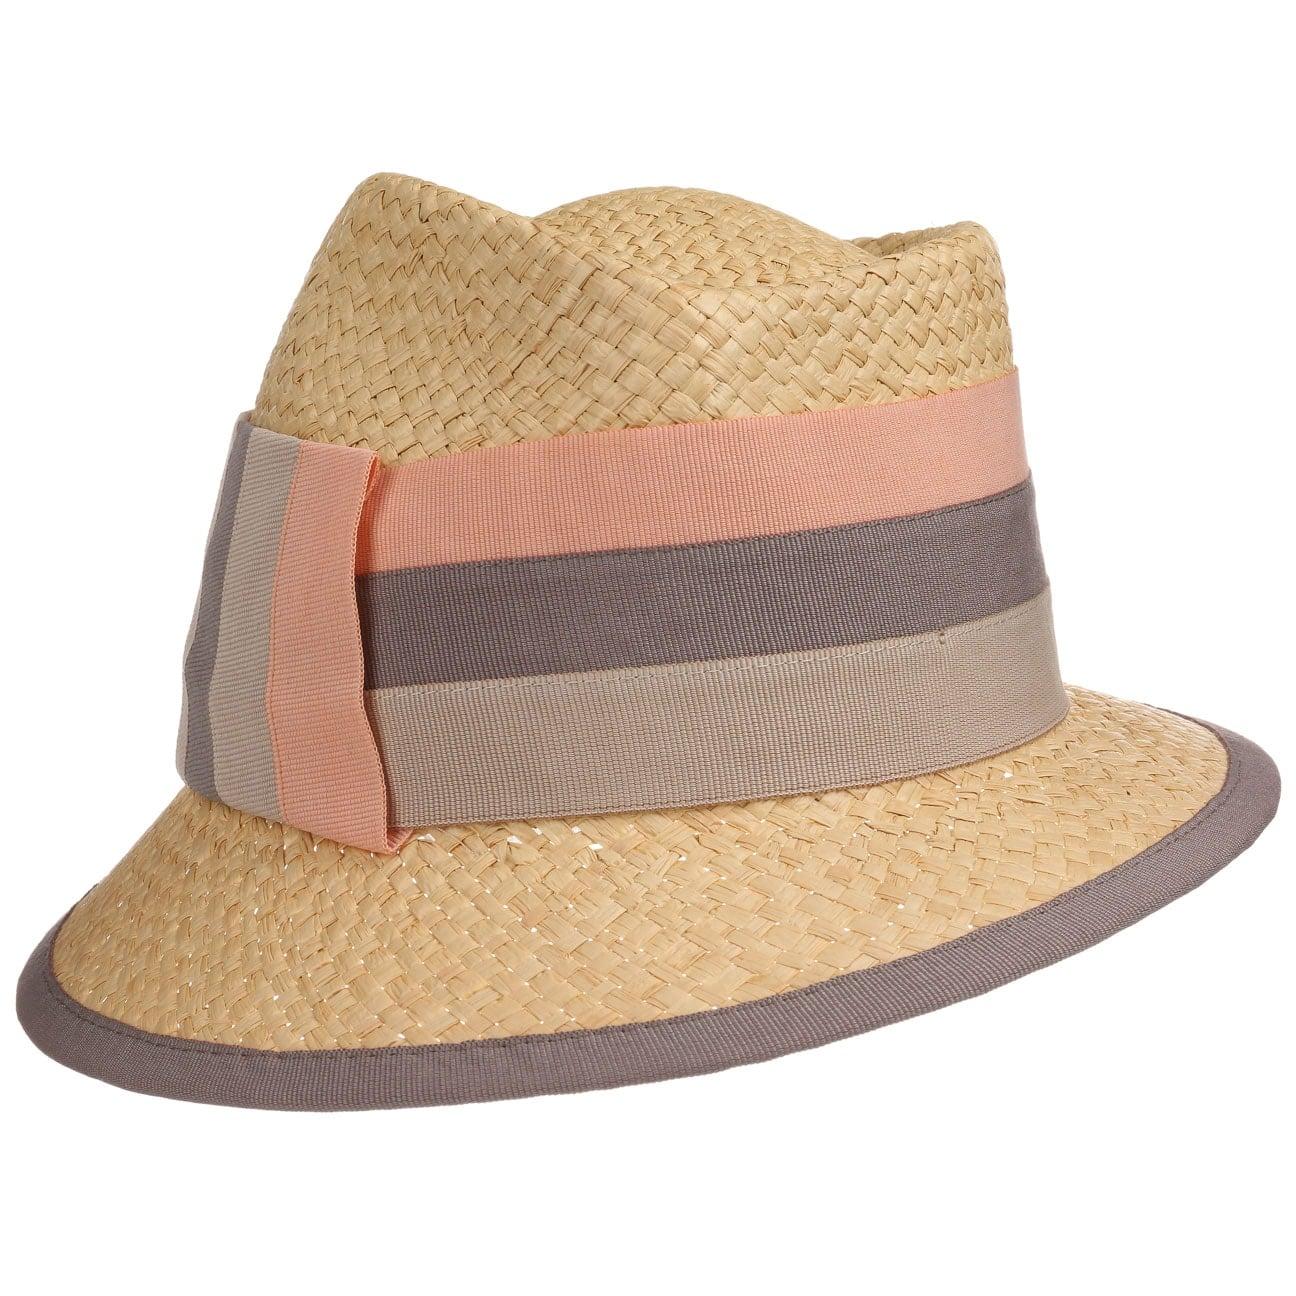 Jepala Sombrero Asim?trico by bedacht  sombrero de sol